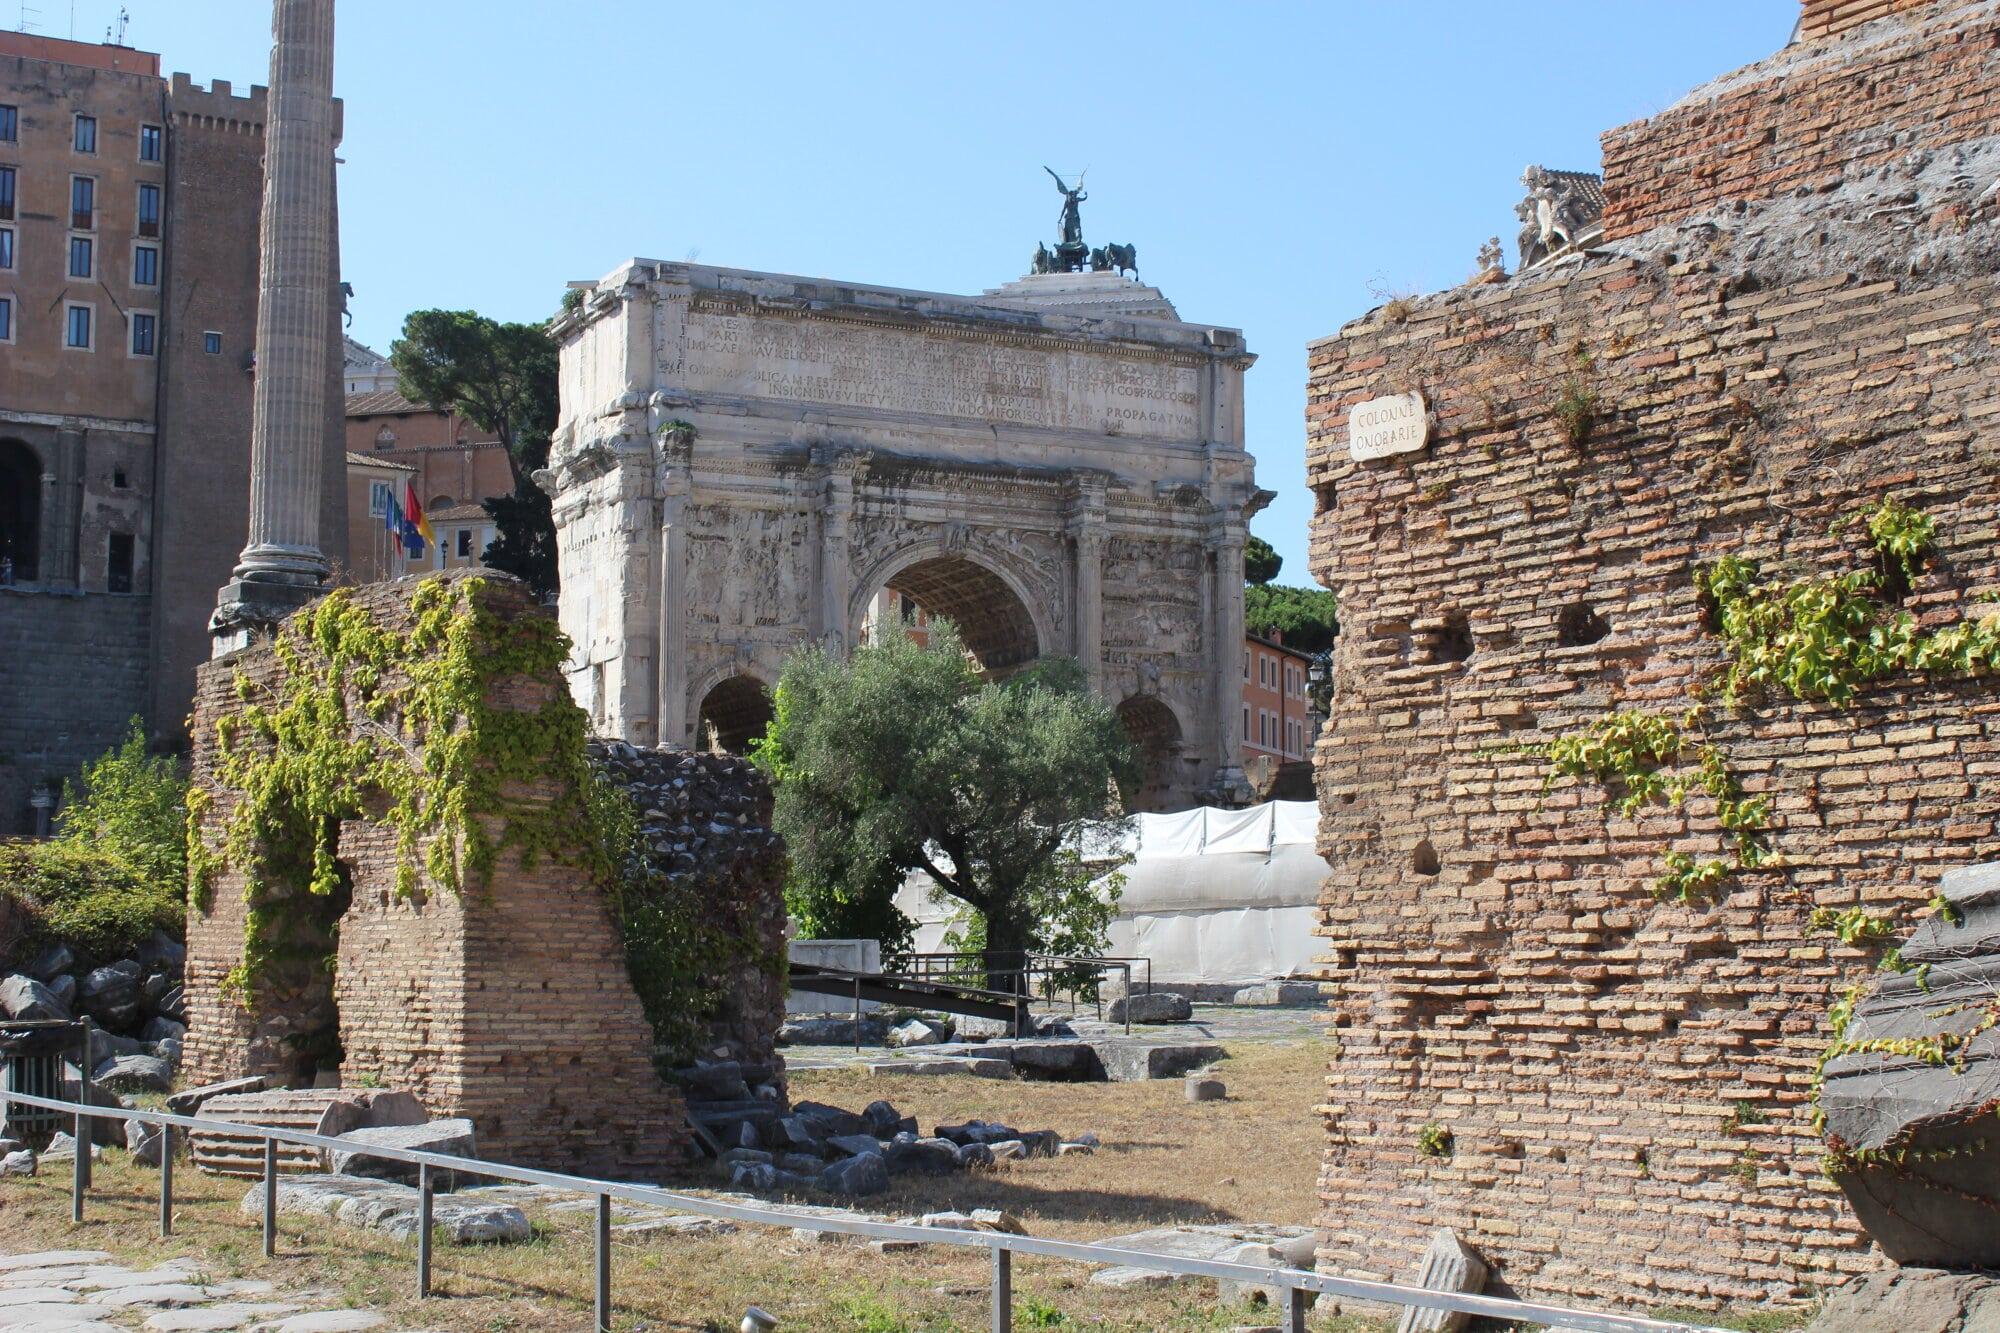 Un arc de triomphe perdu entre les ruines